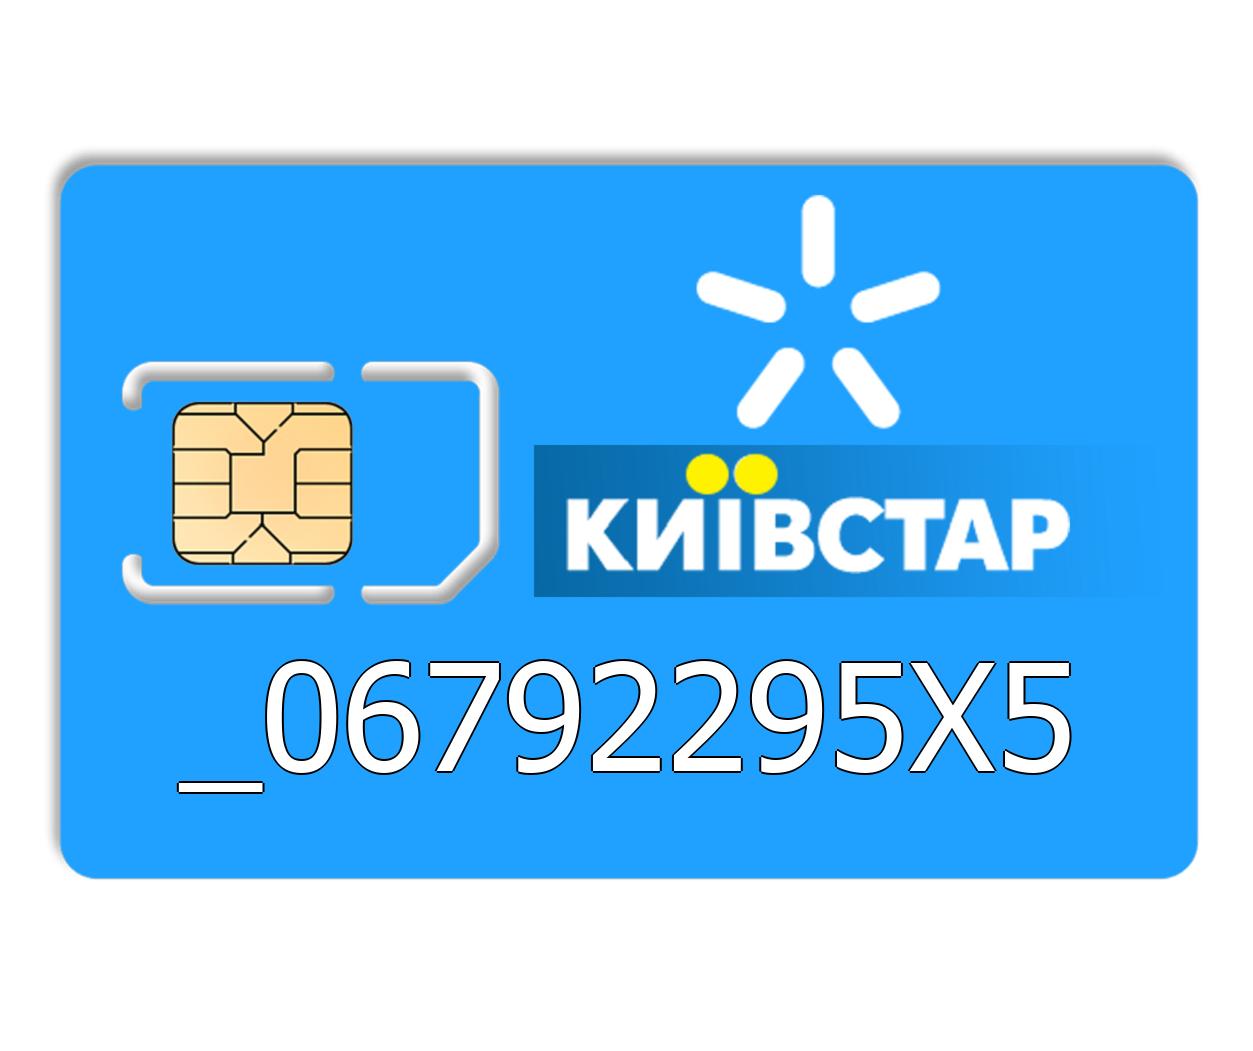 Красивый номер Киевстар 067-9229-5X5